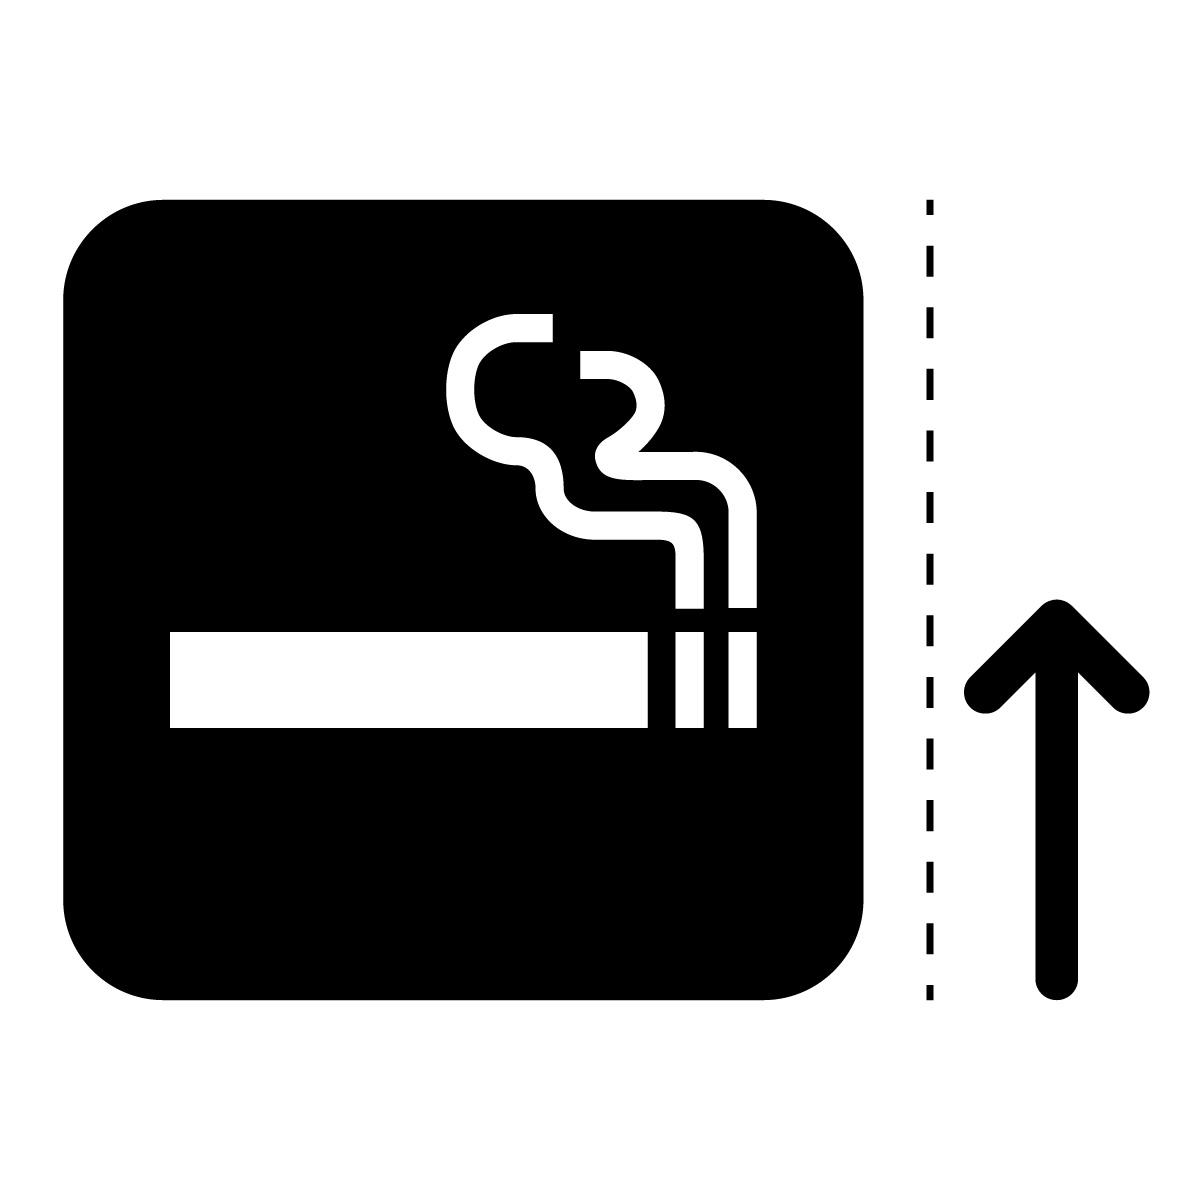 黒色の喫煙スペース案内マークのカッティングステッカー・シール